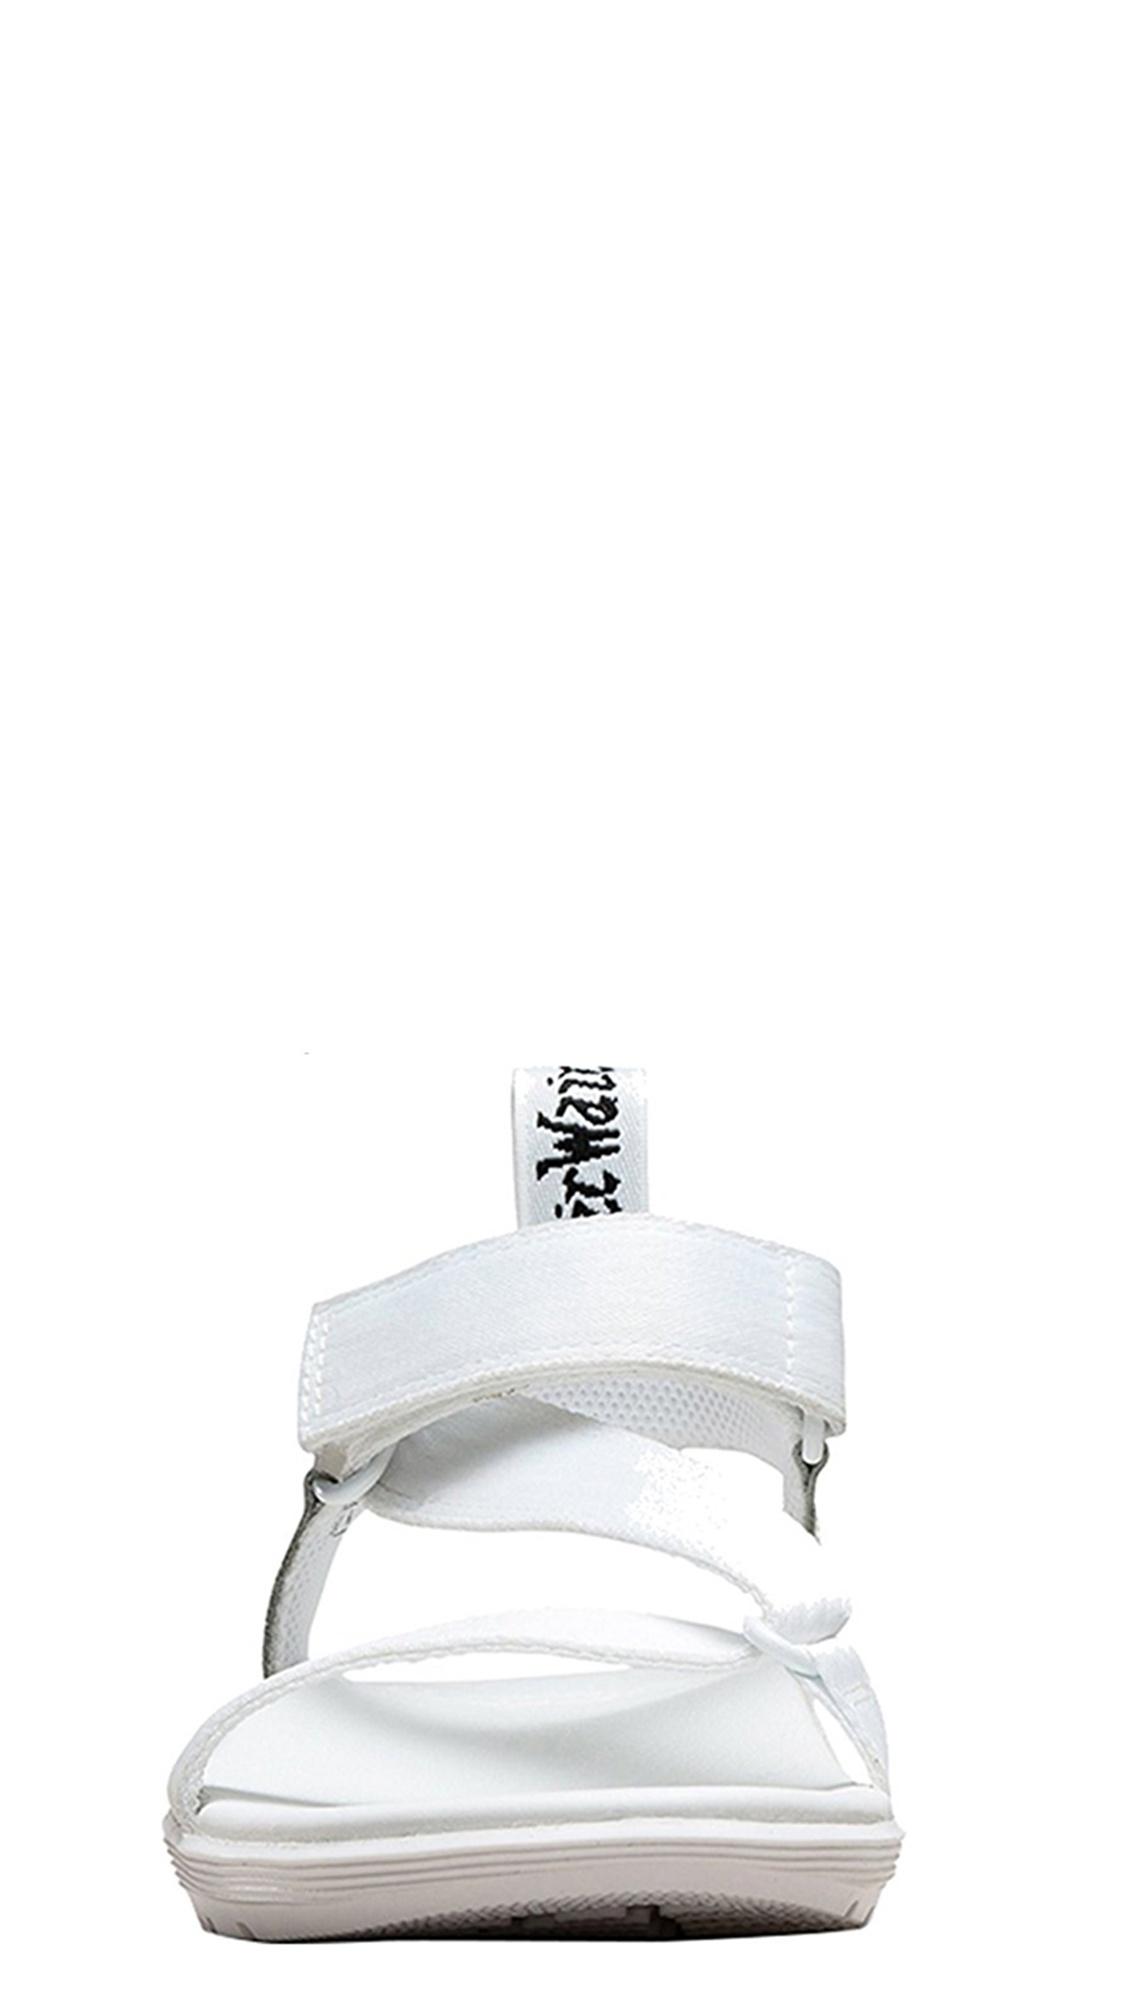 Dr. Martens Women's Balfour Sandals 22431100 White SZ UK4/US6